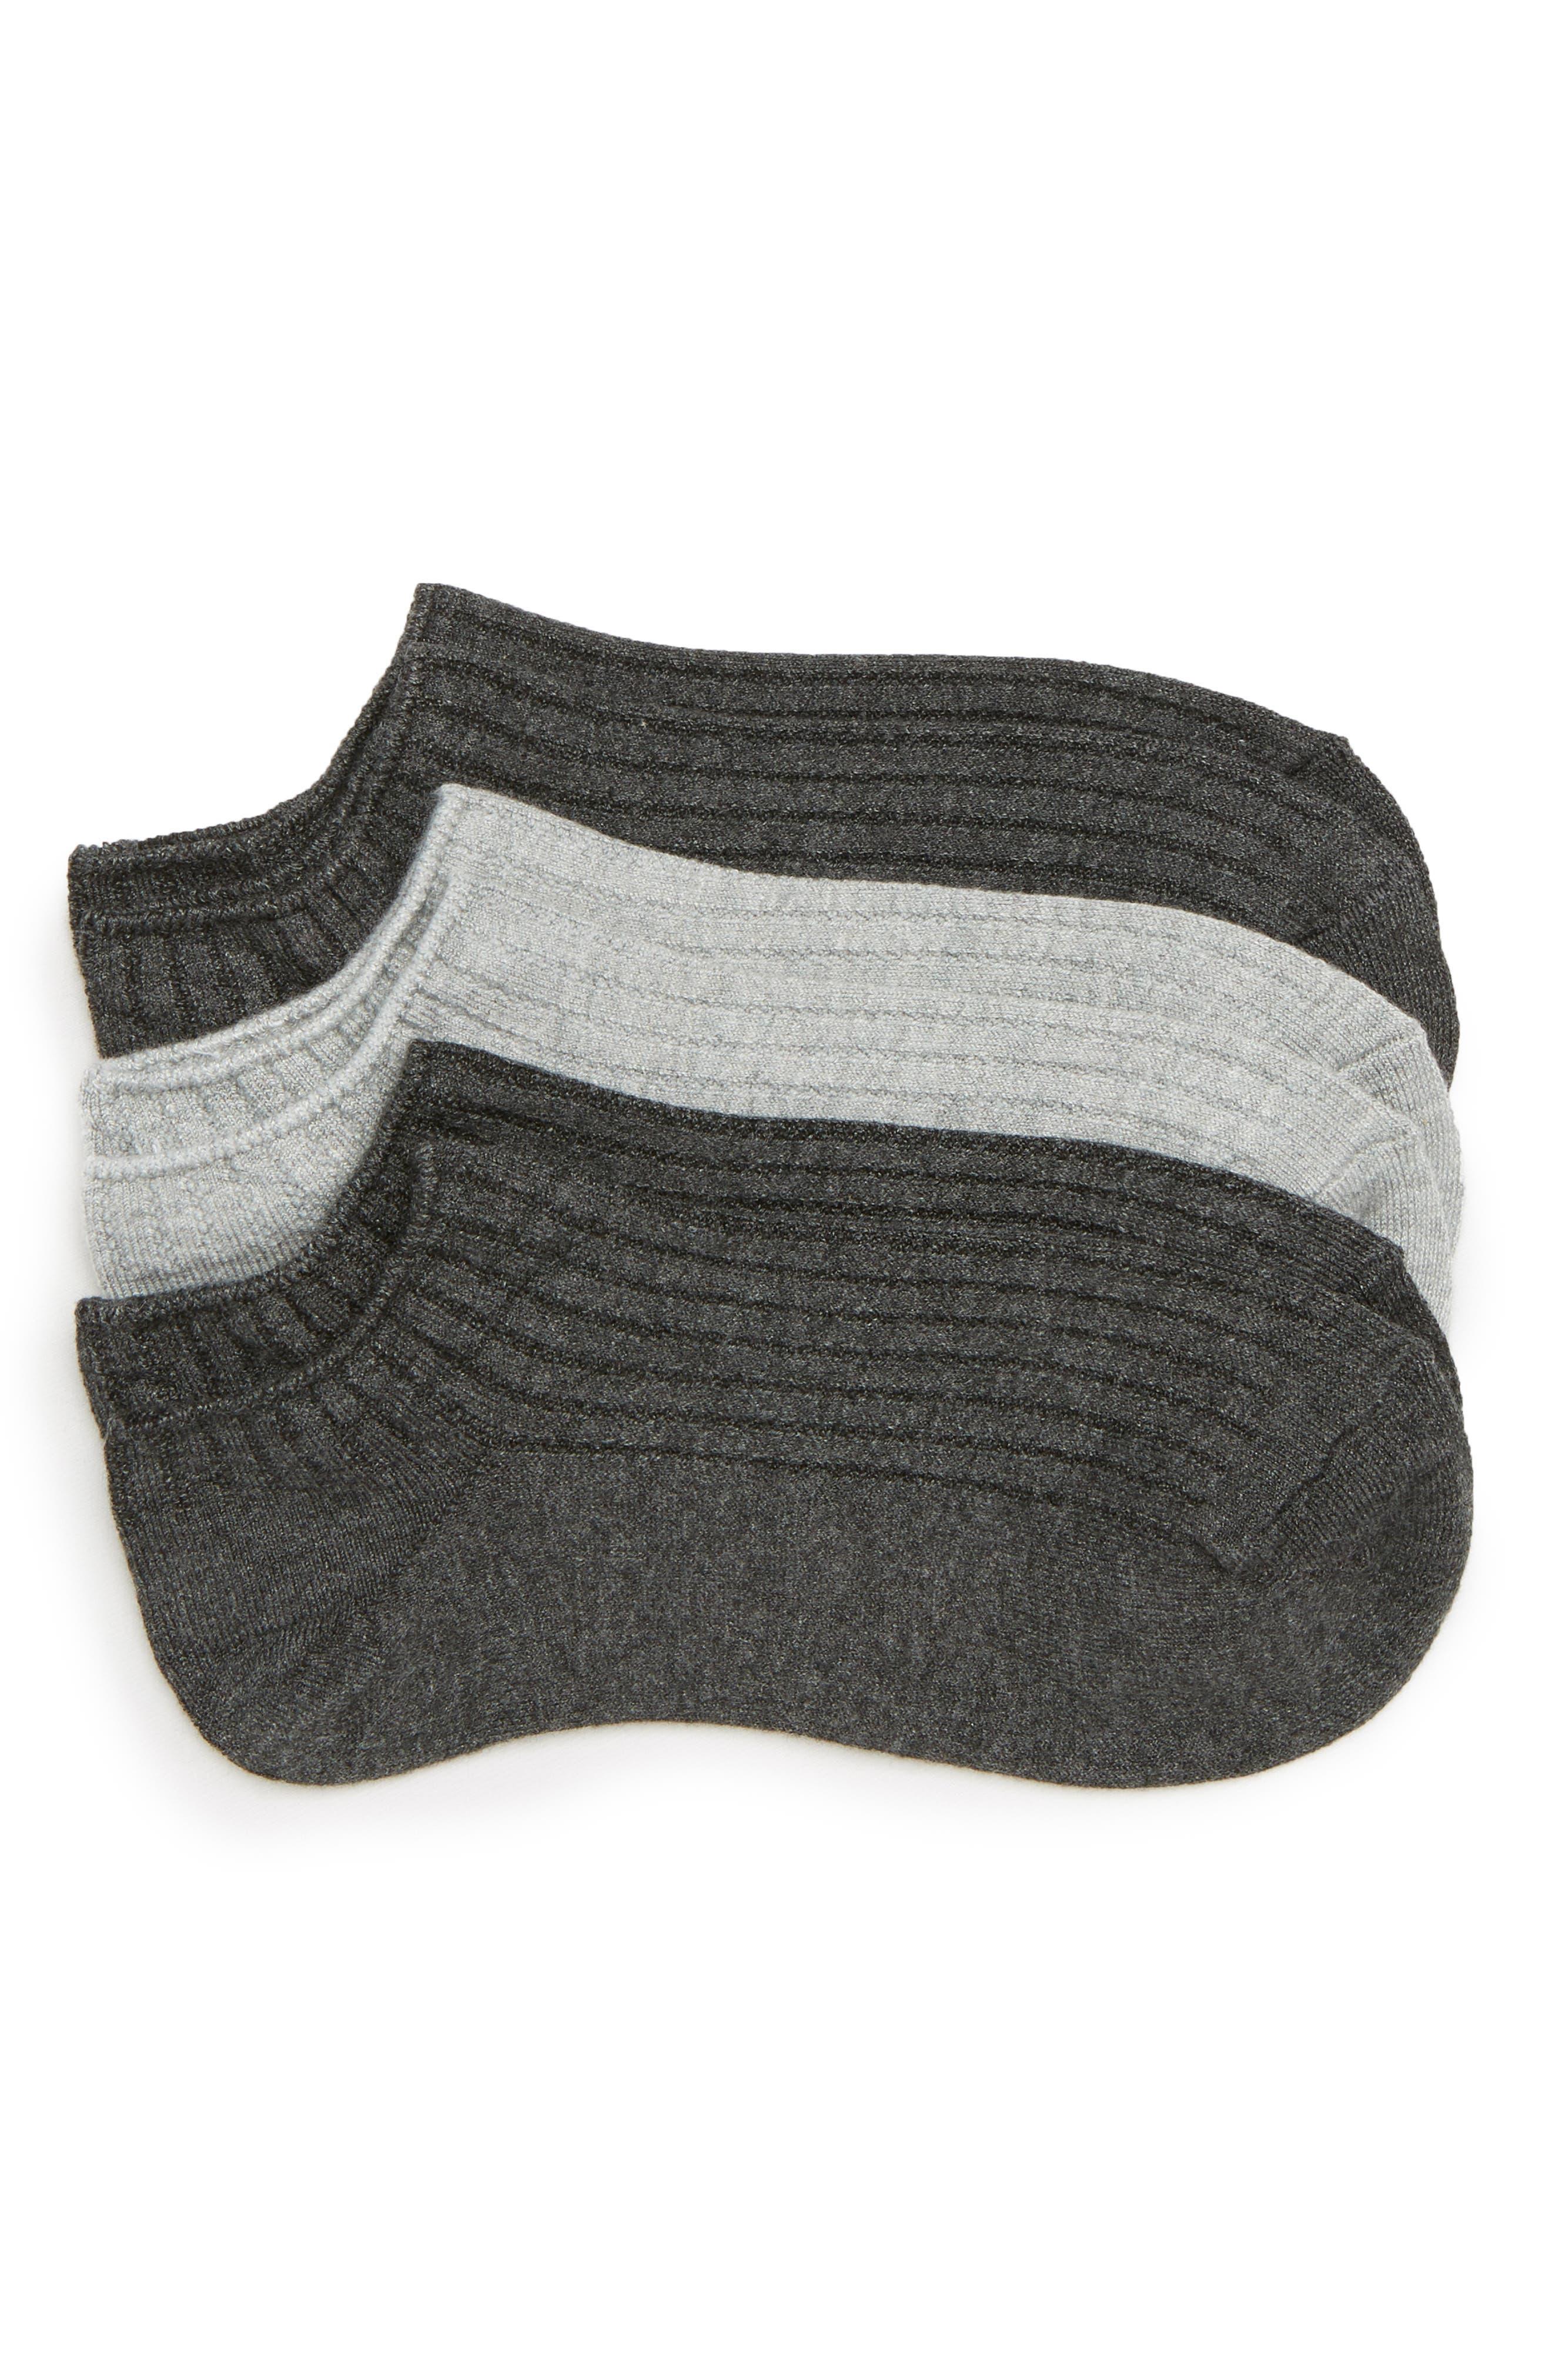 3-Pack No-Show Socks,                             Main thumbnail 1, color,                             023